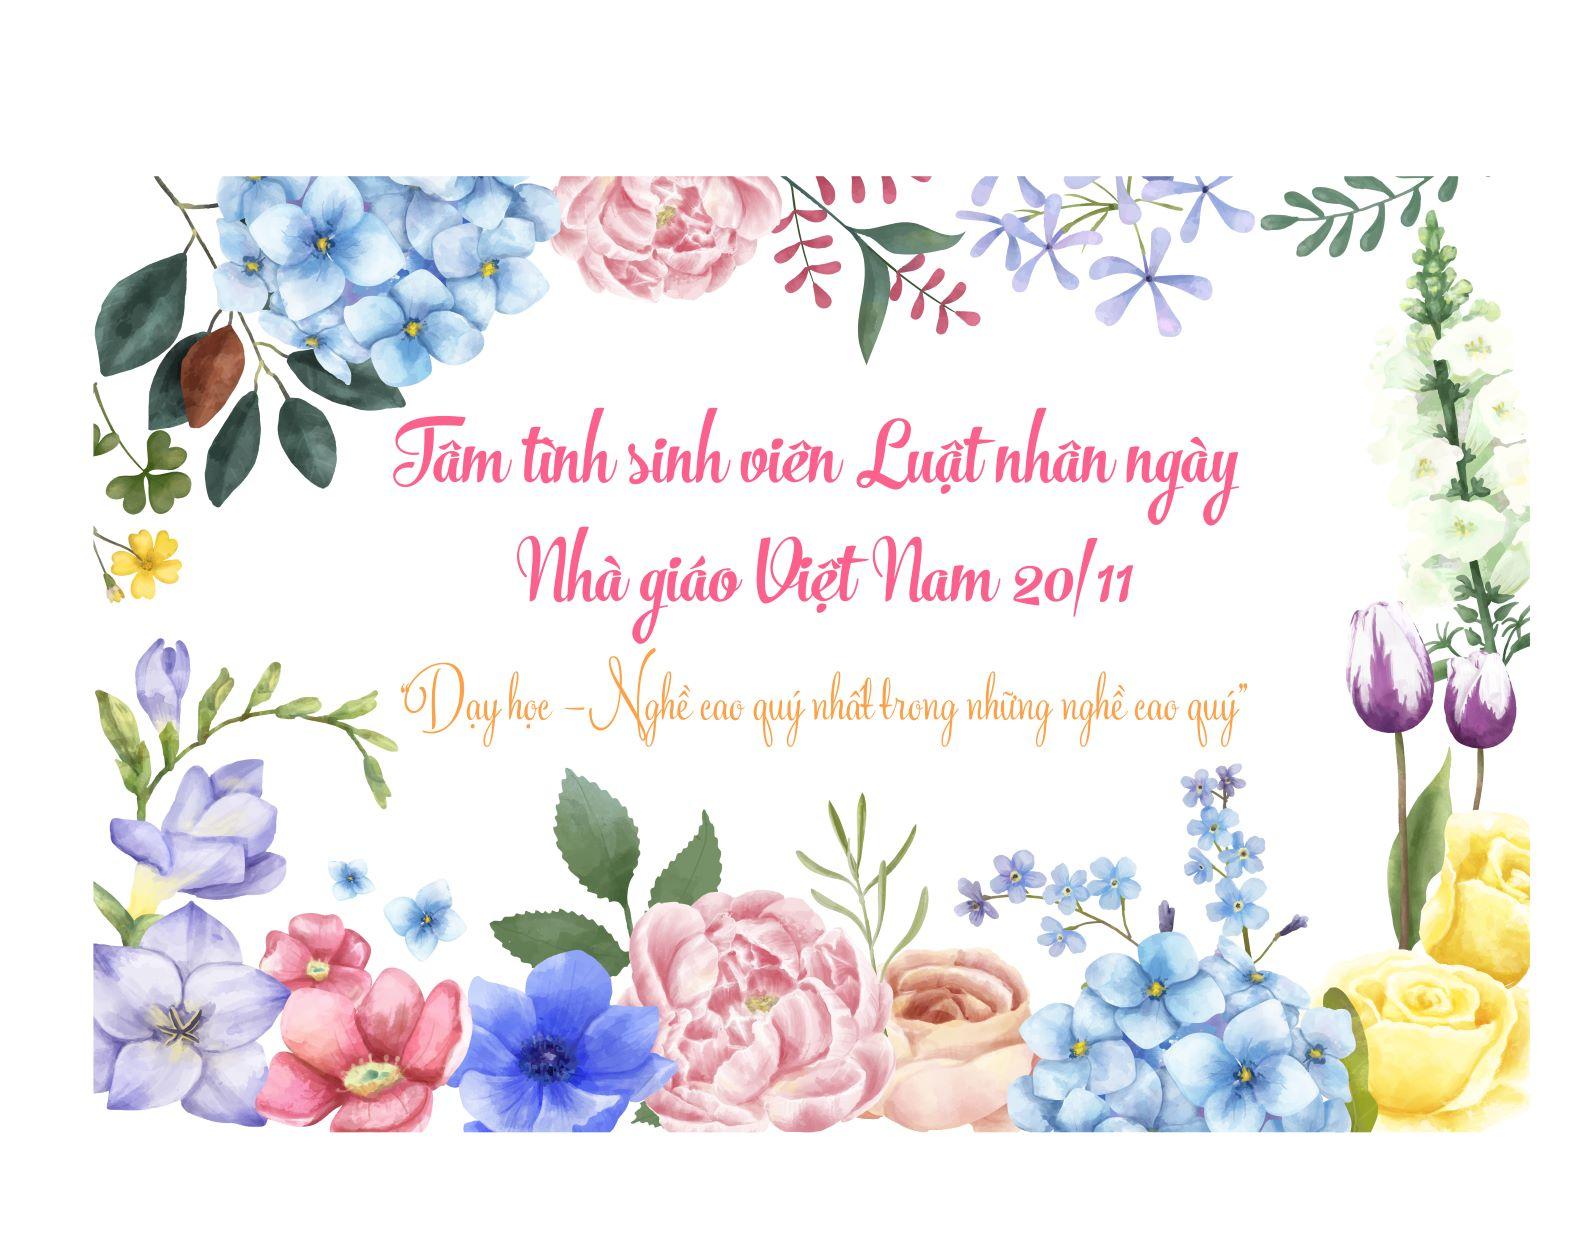 Hình ảnh chúc mừng ngày nhà giáo Việt Nam đẹp nhất